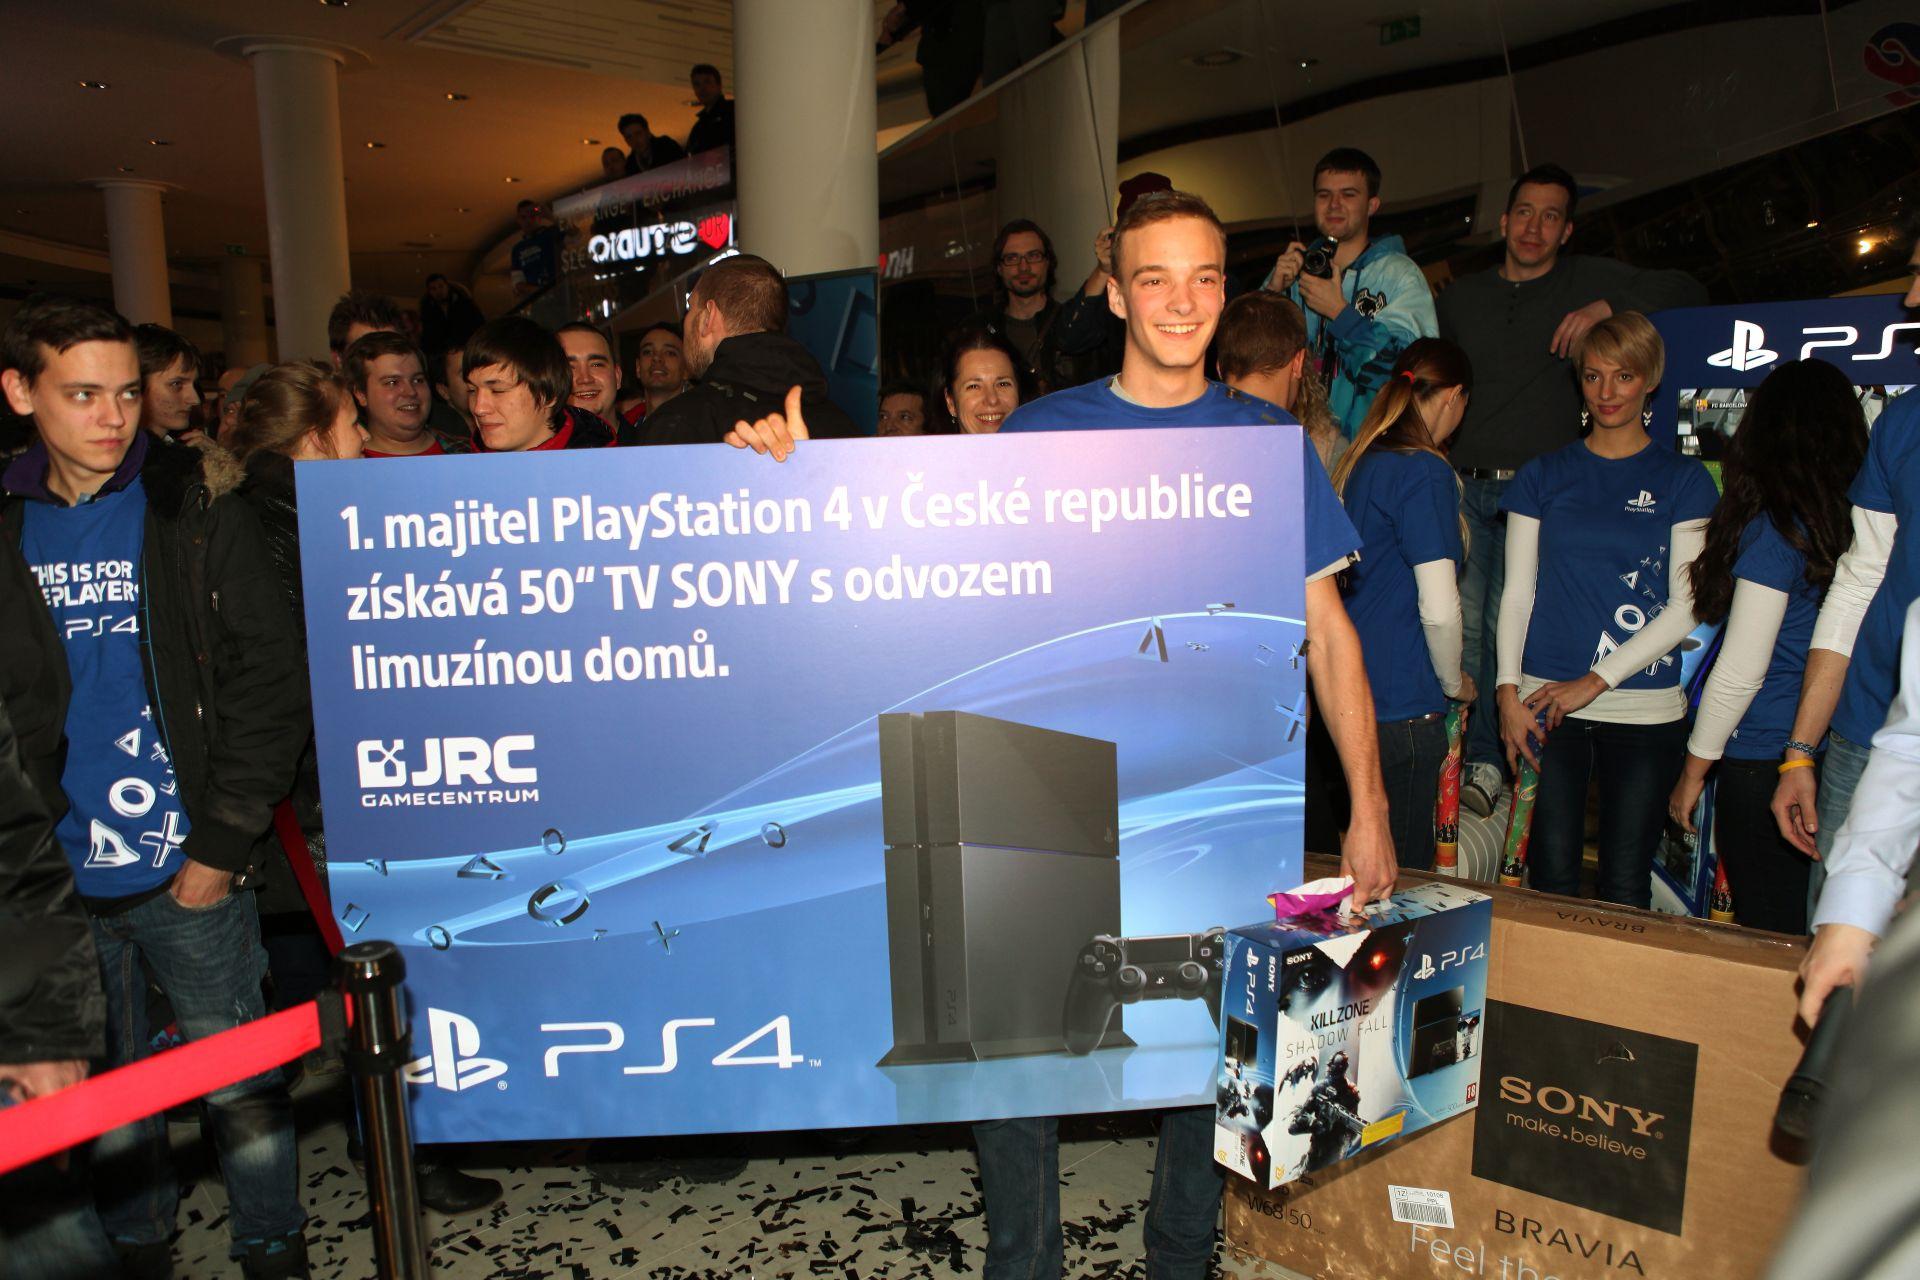 Fotky z půlnočního prodeje PS4 v Praze a Bratislavě 90904